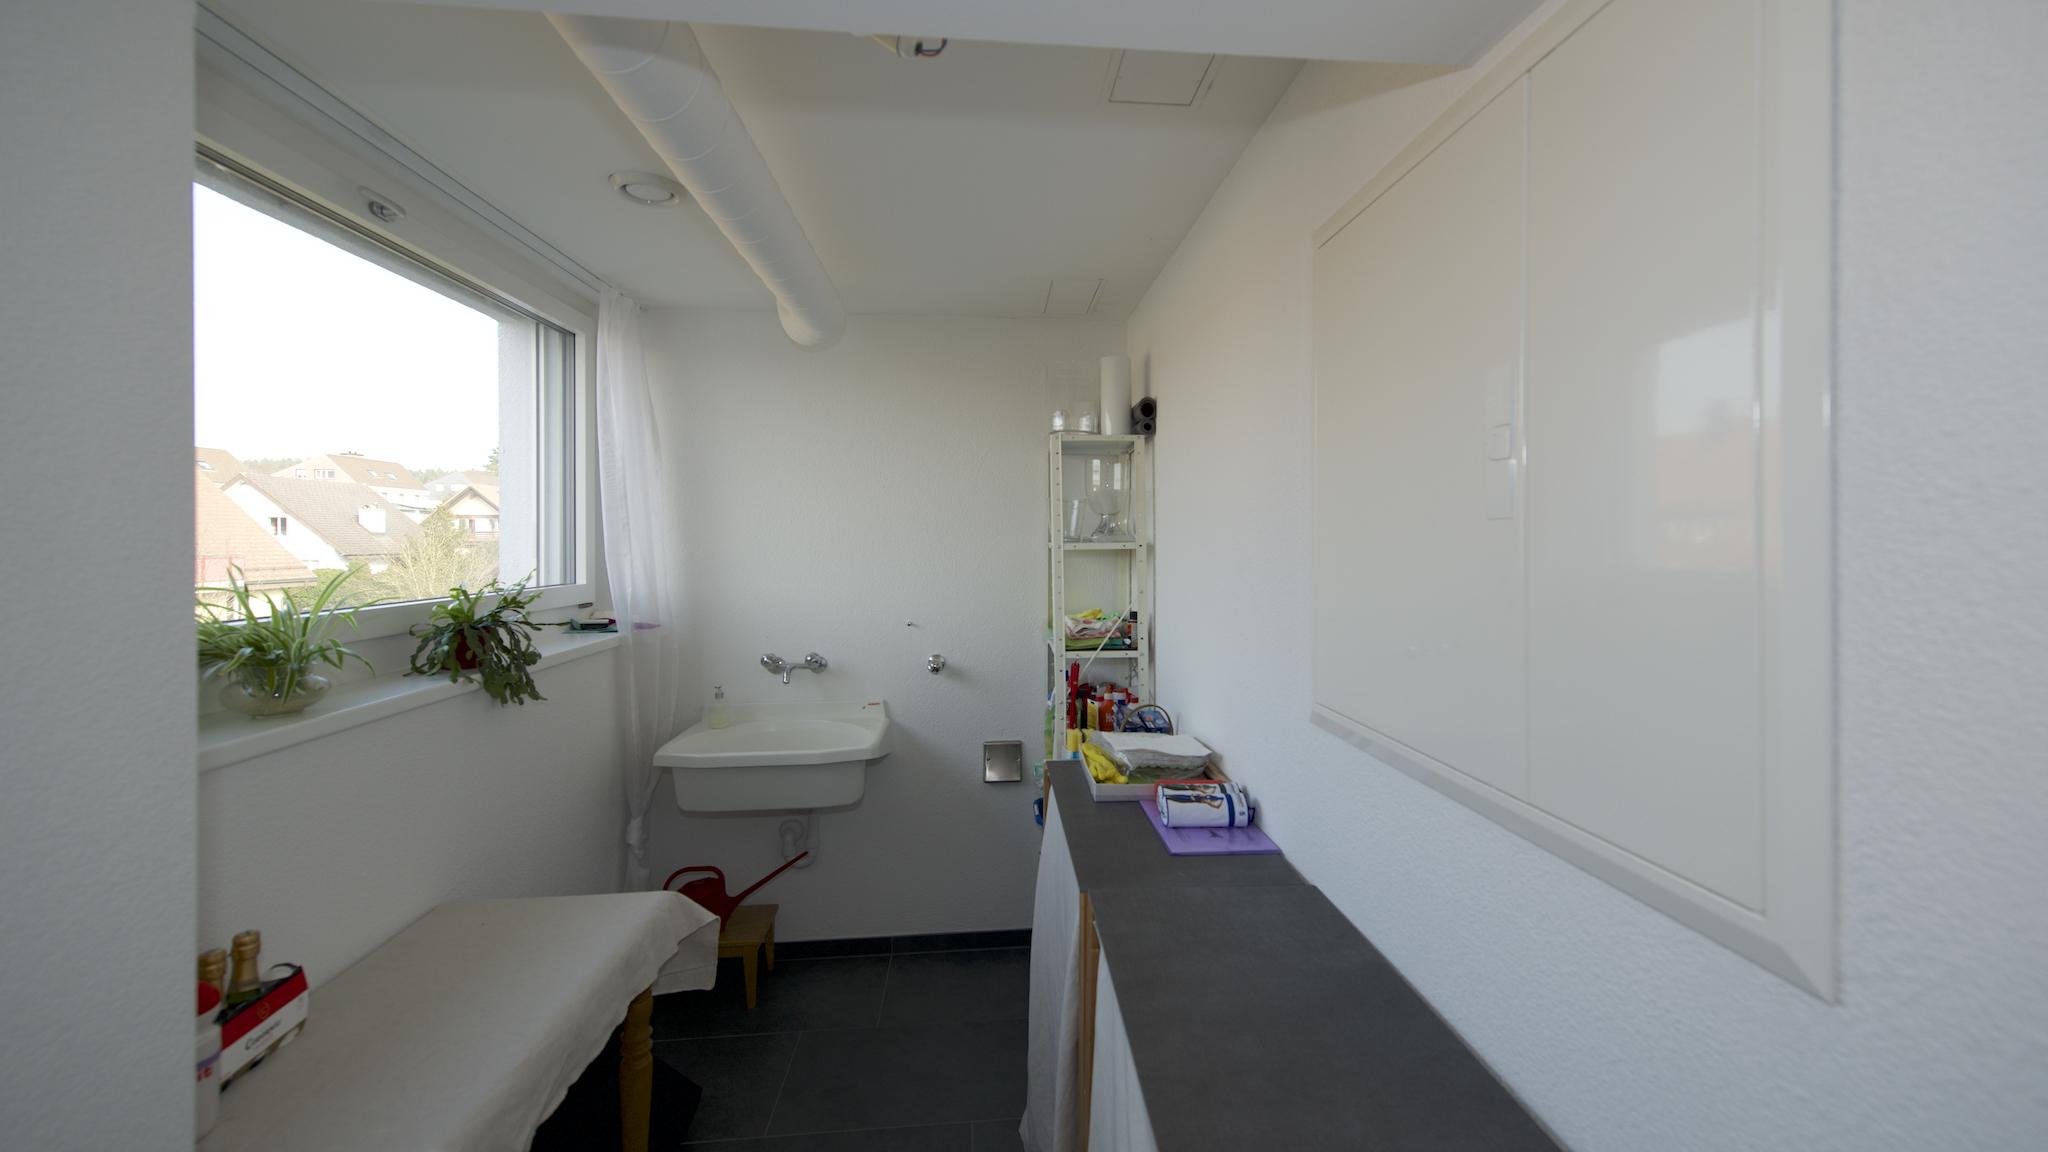 Haustwirtschafts-Raum